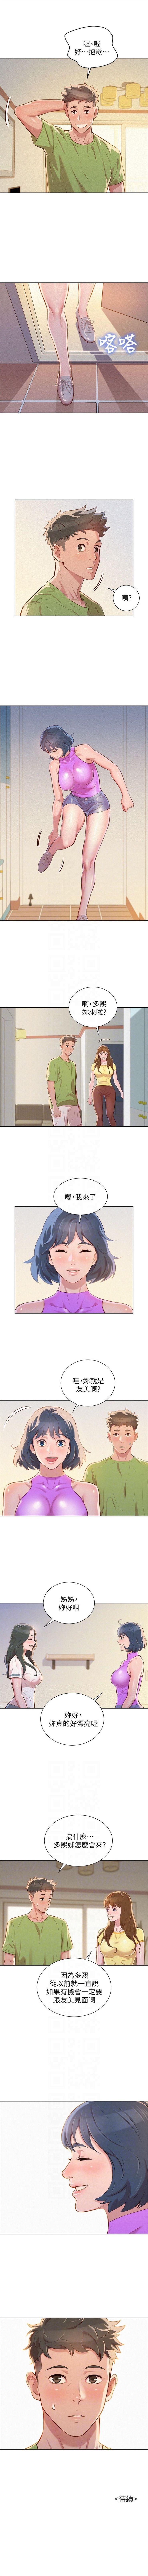 (周7)漂亮干姐姐  1-81 中文翻译 (更新中) 265